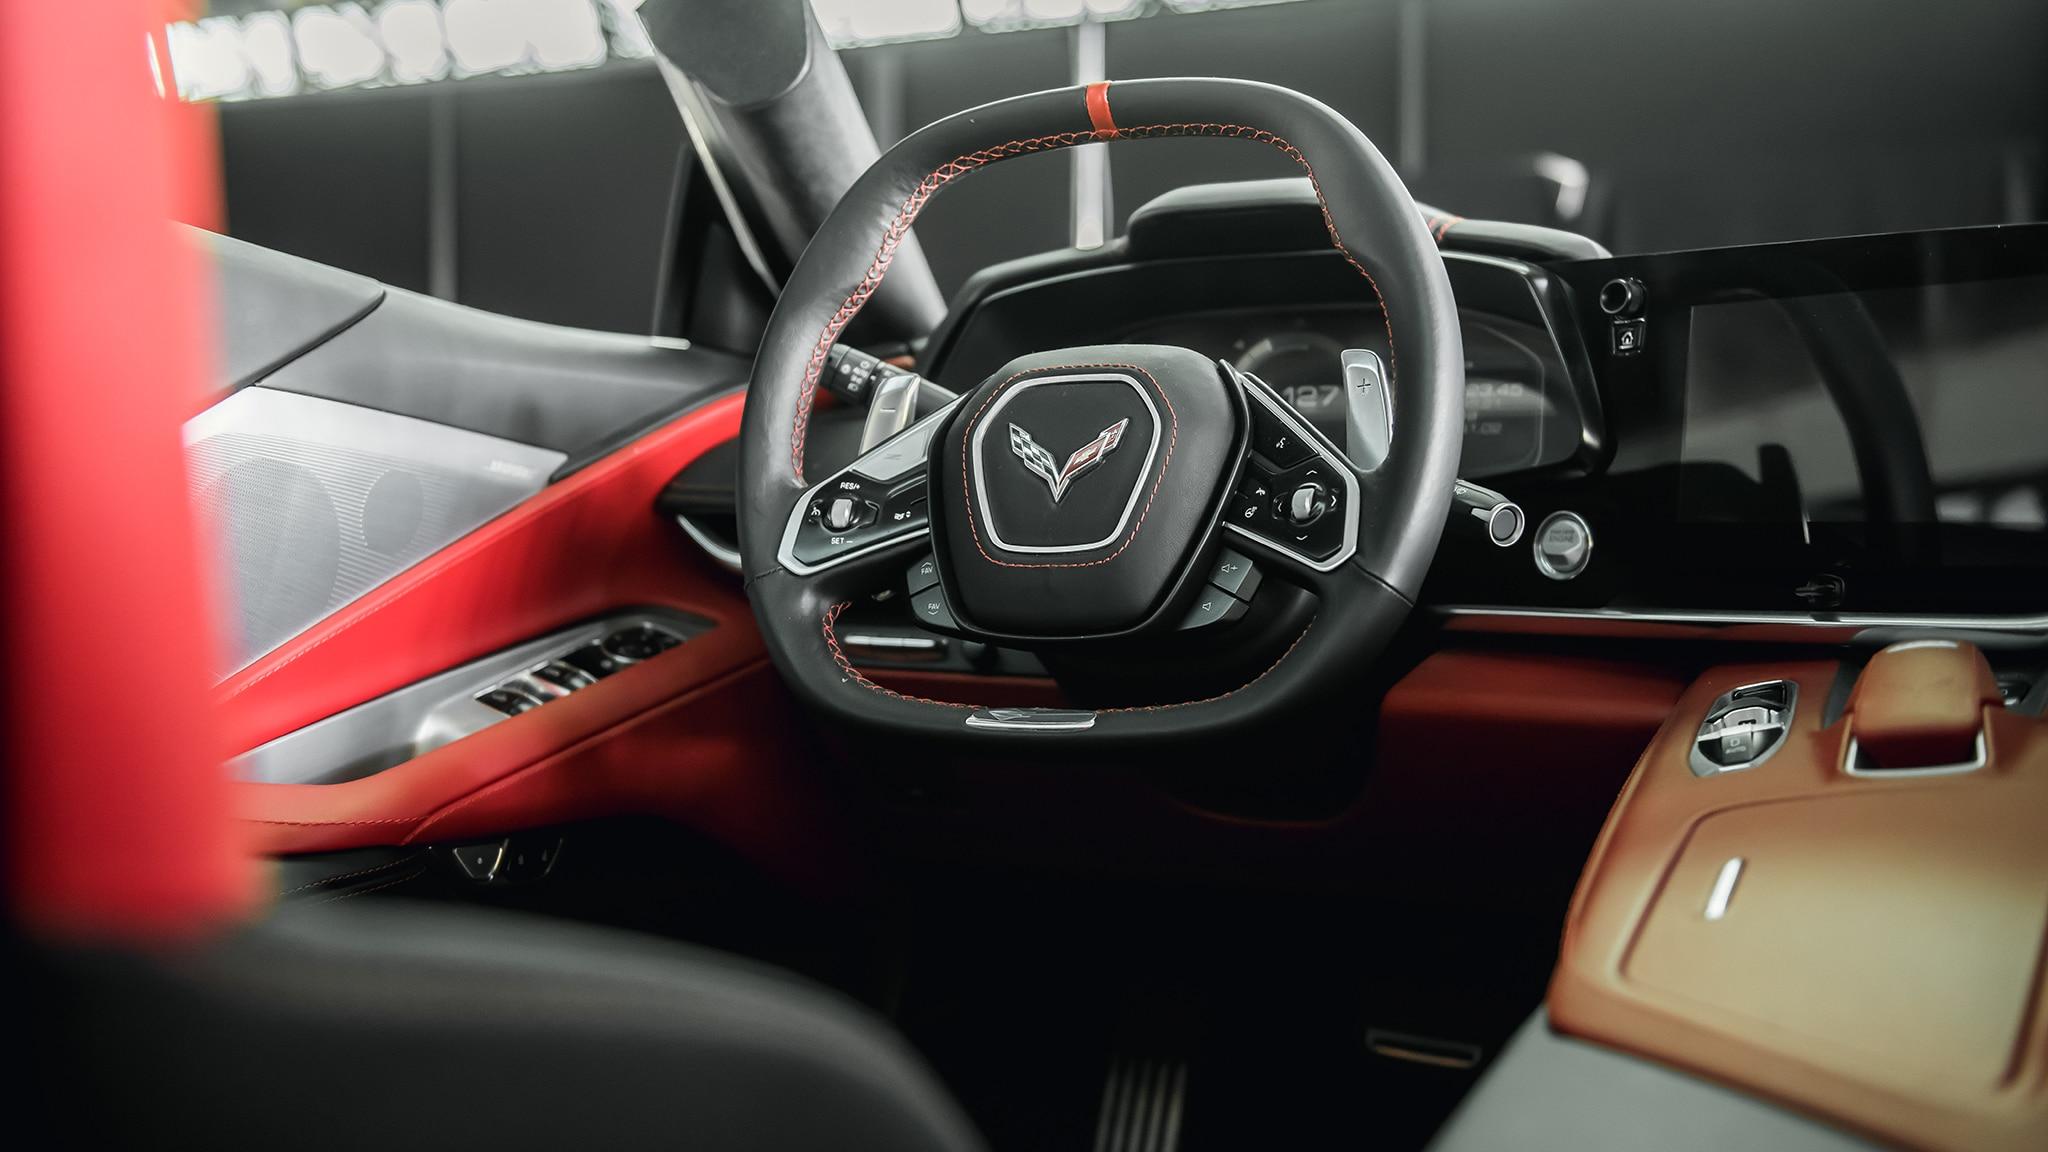 2020 Chevrolet Corvette C8 Offers 12 Paint Colors & 6 ...